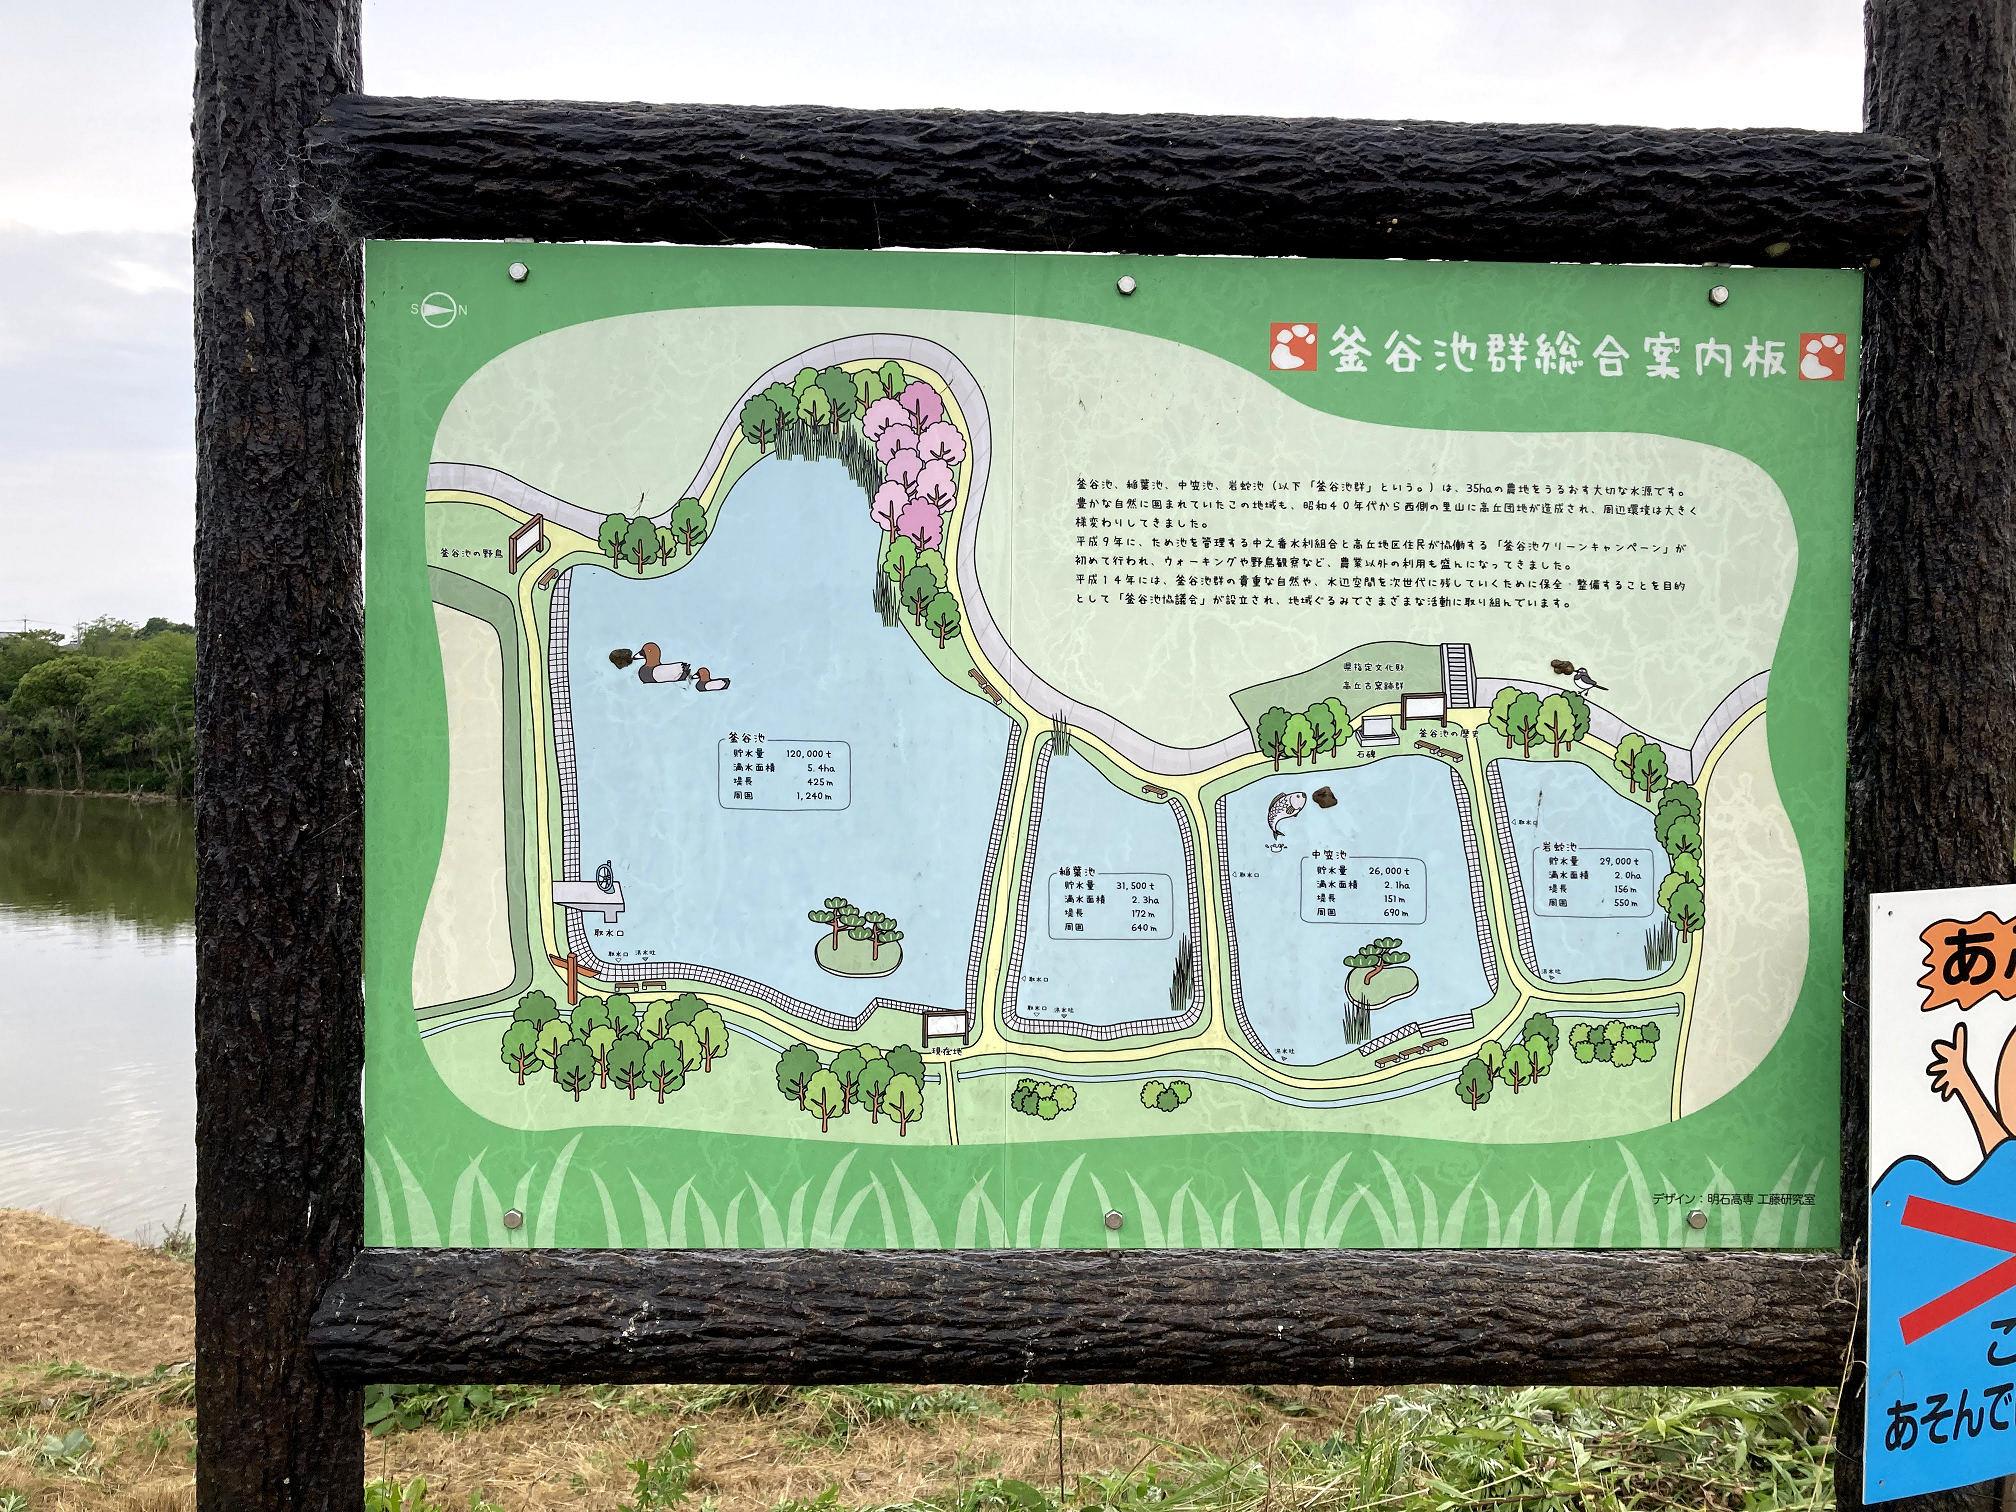 釜谷池群案内板。左から「釜谷池」「稲葉池」「中笠池」「岩蛇池」